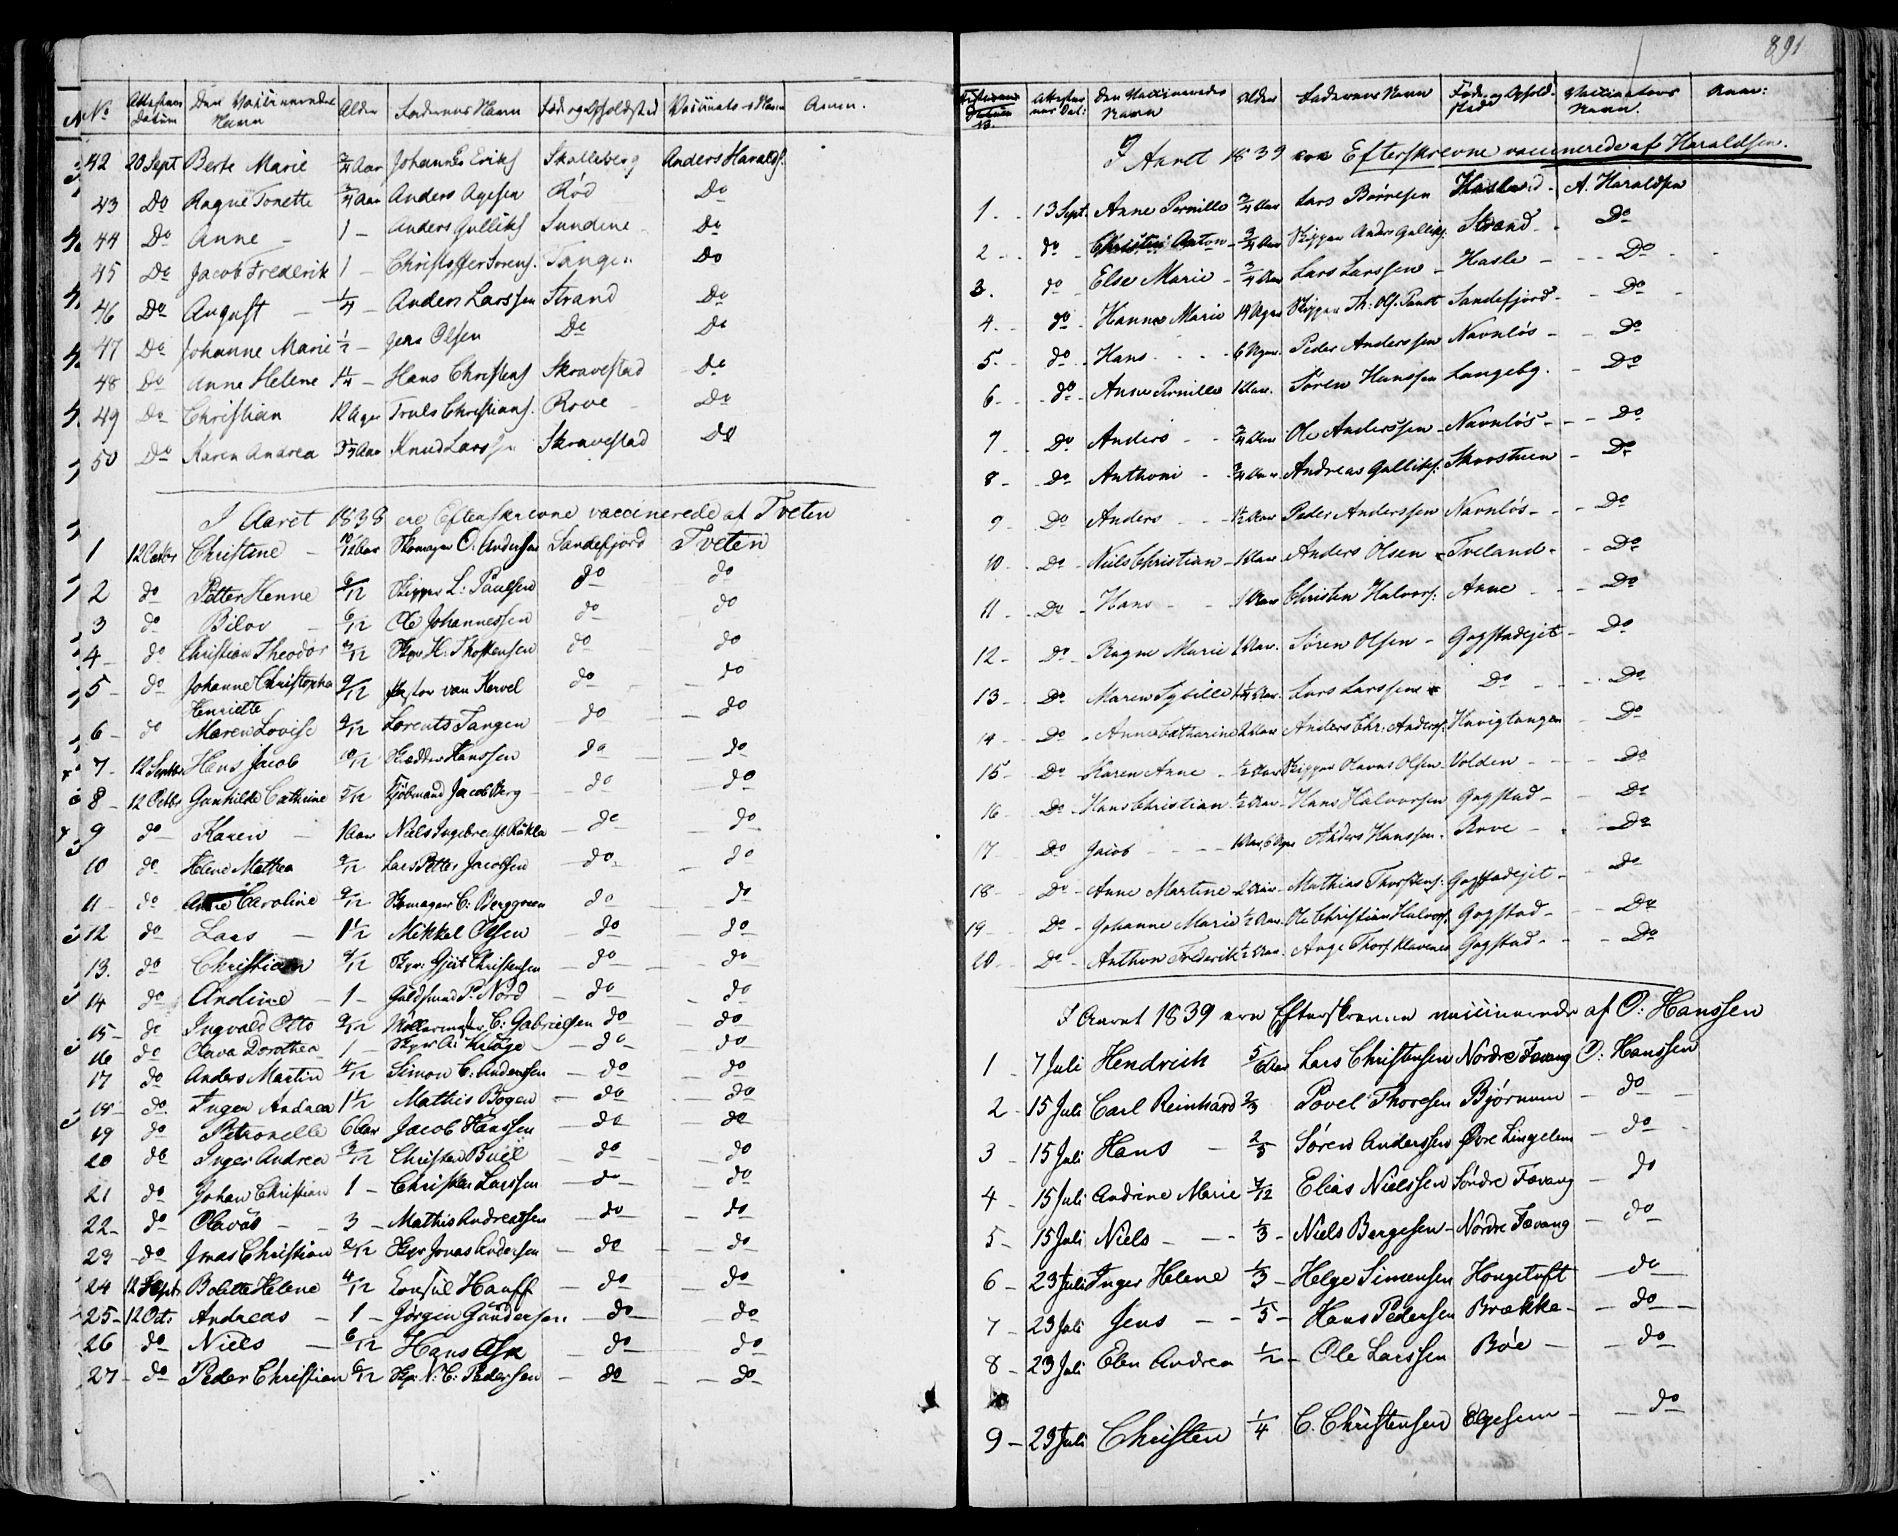 SAKO, Sandar kirkebøker, F/Fa/L0005: Ministerialbok nr. 5, 1832-1847, s. 890-891